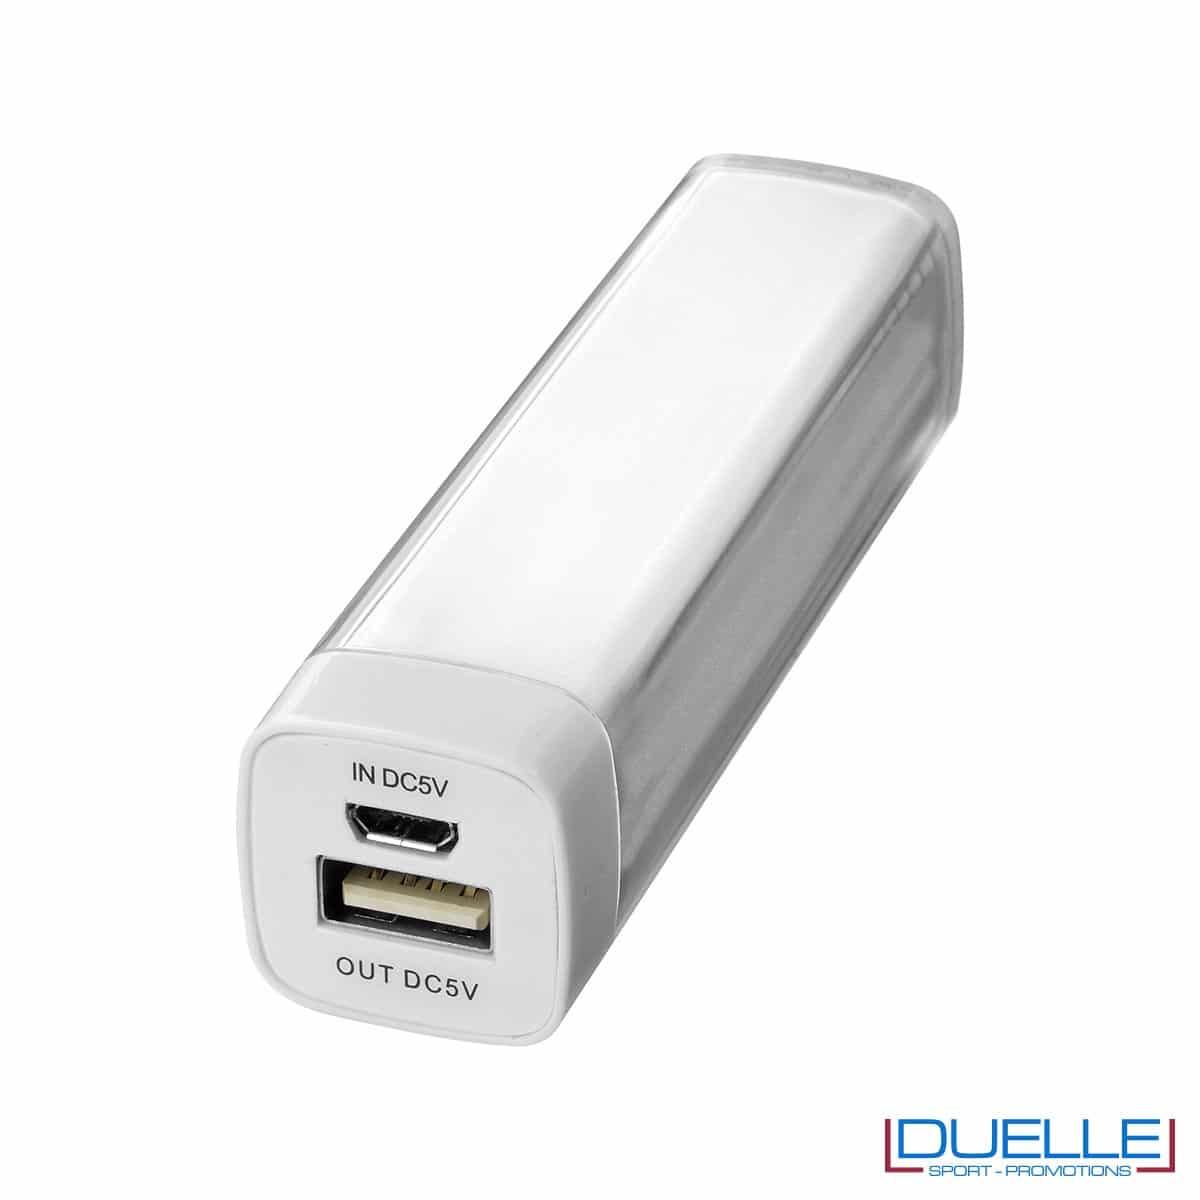 powerbank personalizzato da 2200 mAh colore bianco, powerbank per smartphone personalizzato